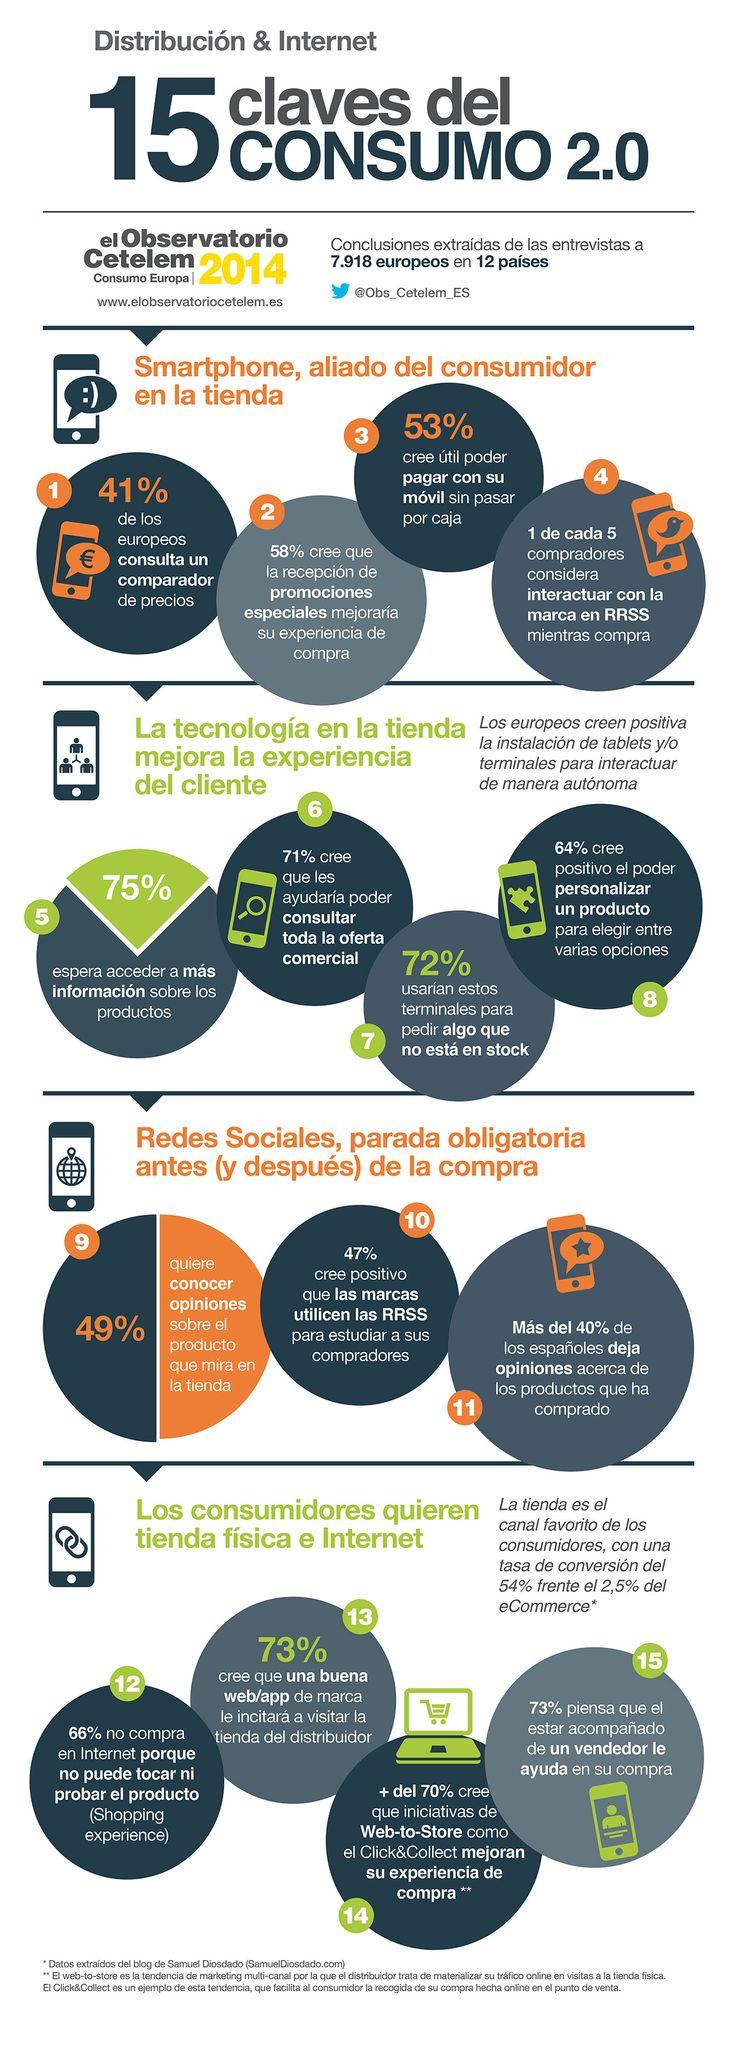 Distribución & Internet. 15 claves del Consumo 2.0